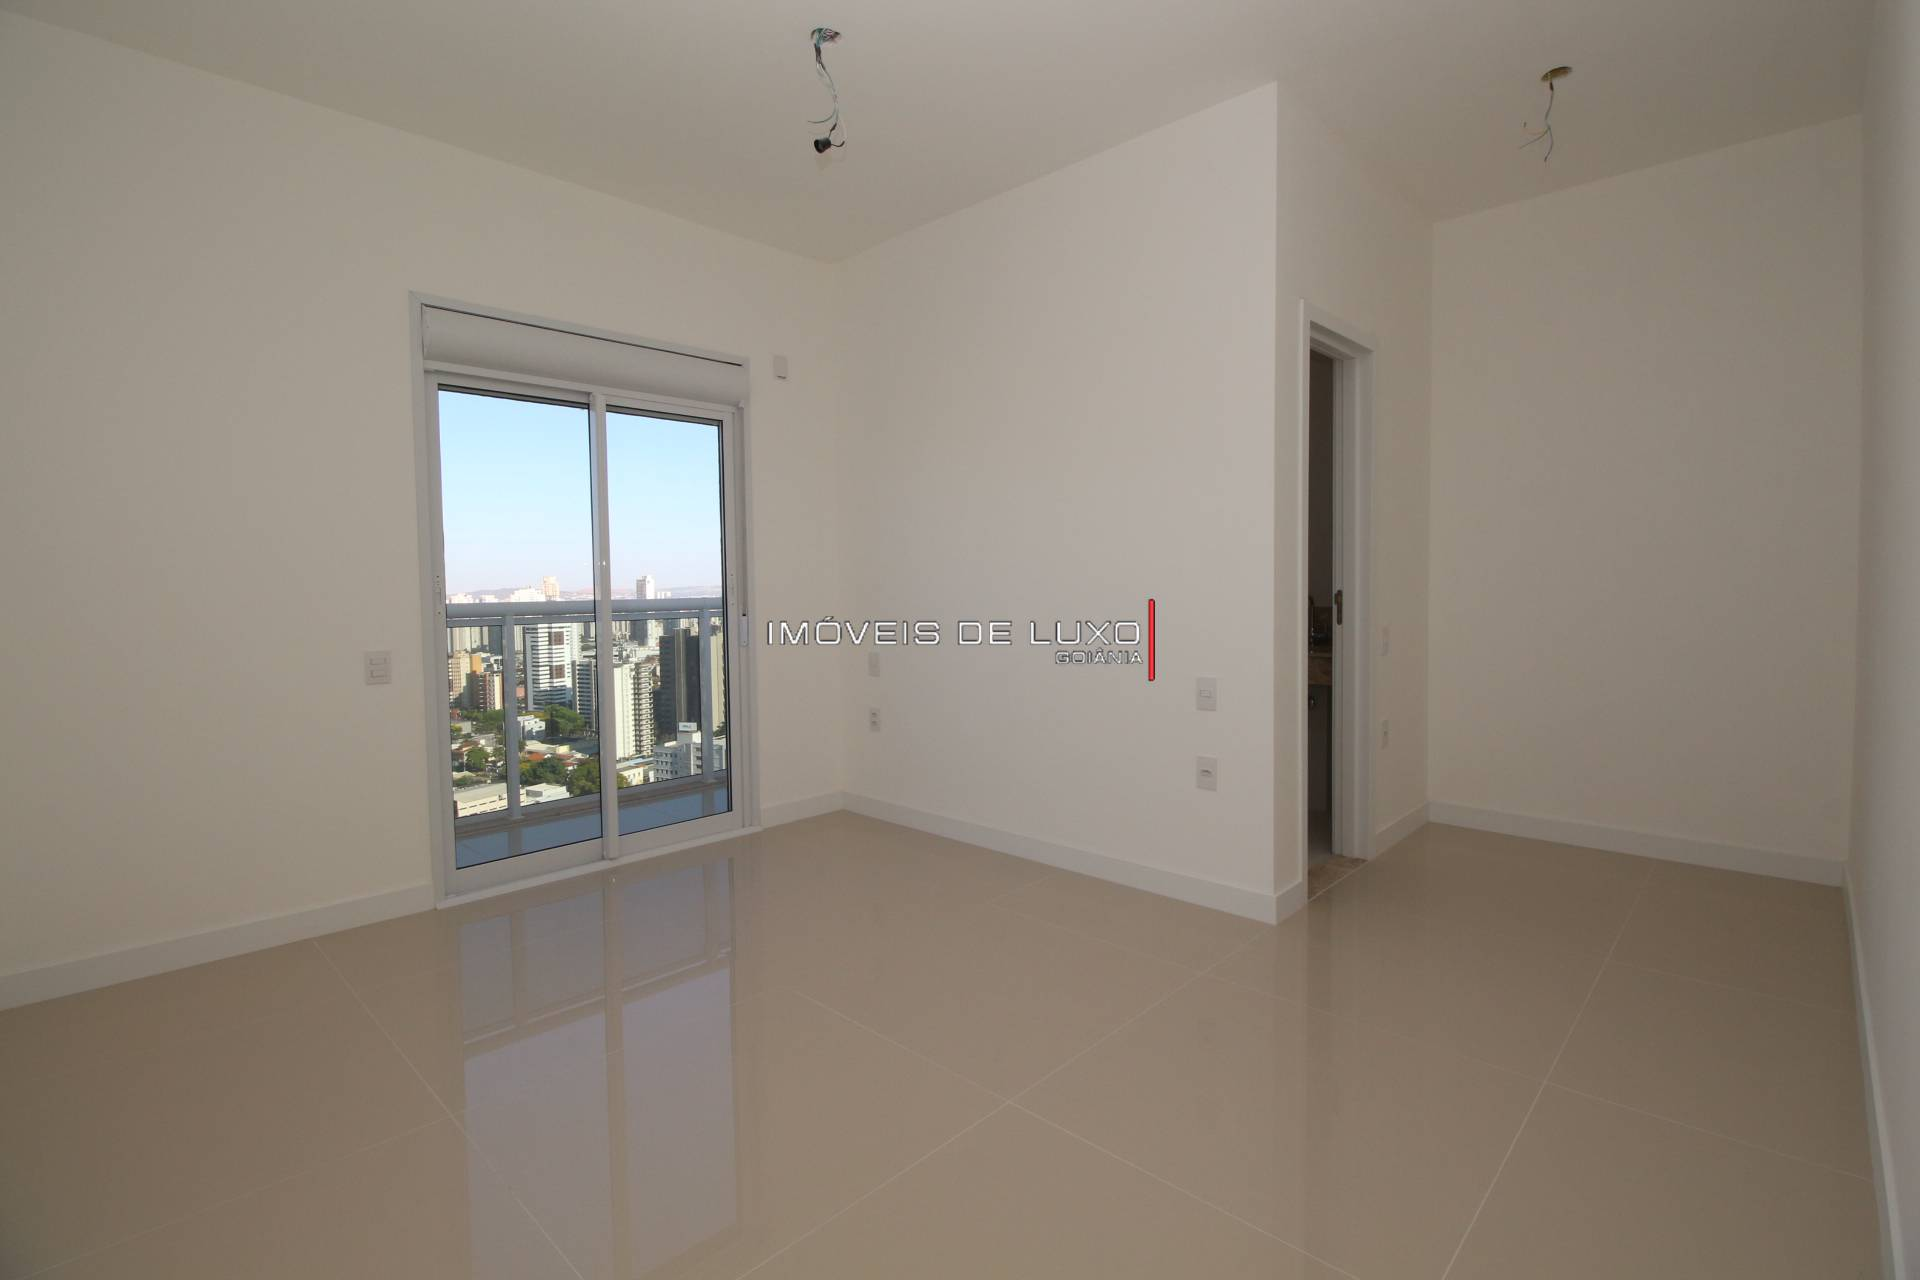 Imóveis de Luxo - Apartamento 4 suítes novo no Setor Marista